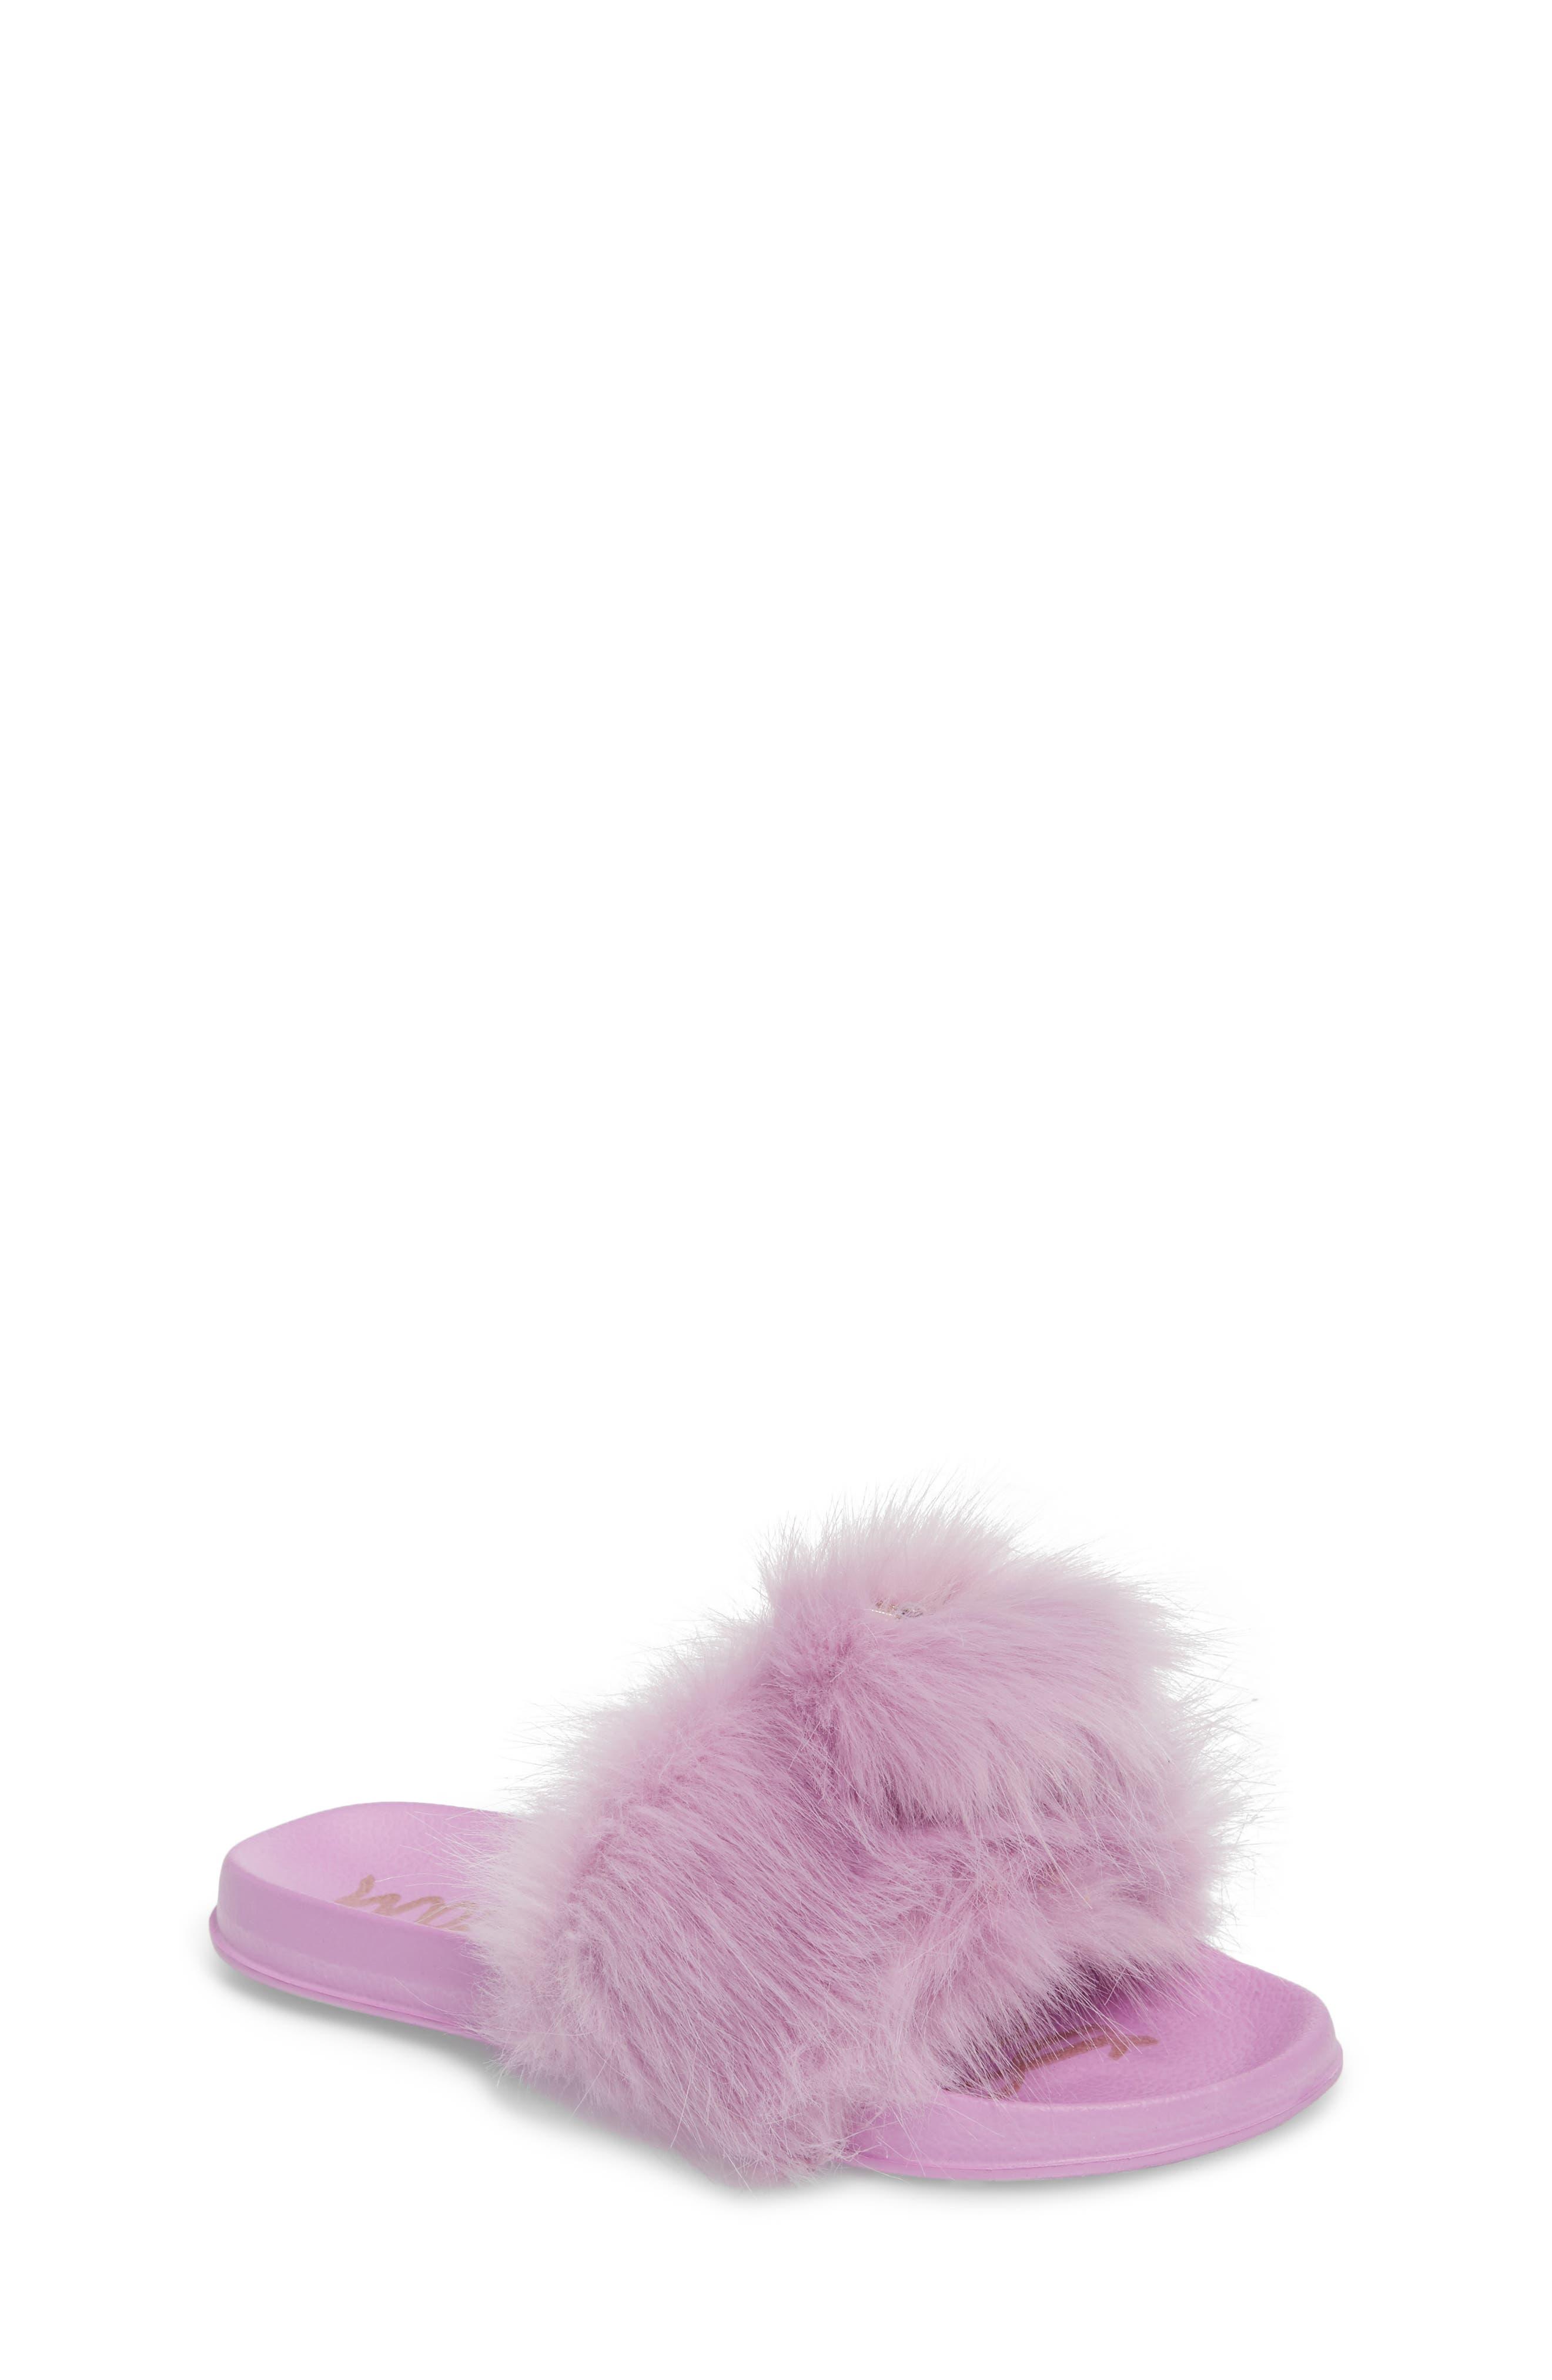 Mackie Aster Faux Fur Slide Sandal,                         Main,                         color, Lavender Faux Fur